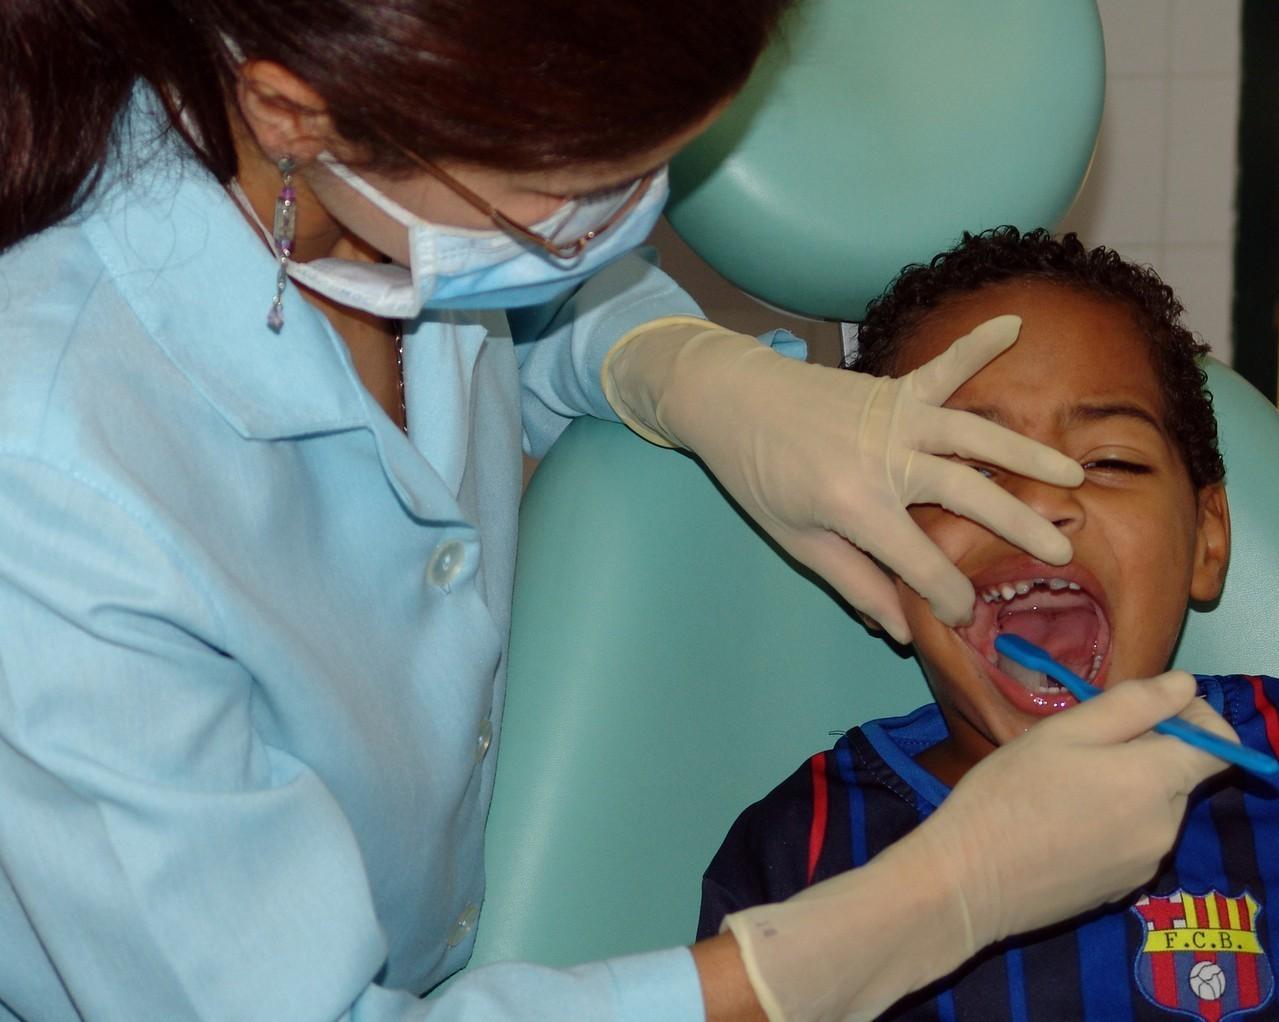 Warto czytać opinie o stomatologach